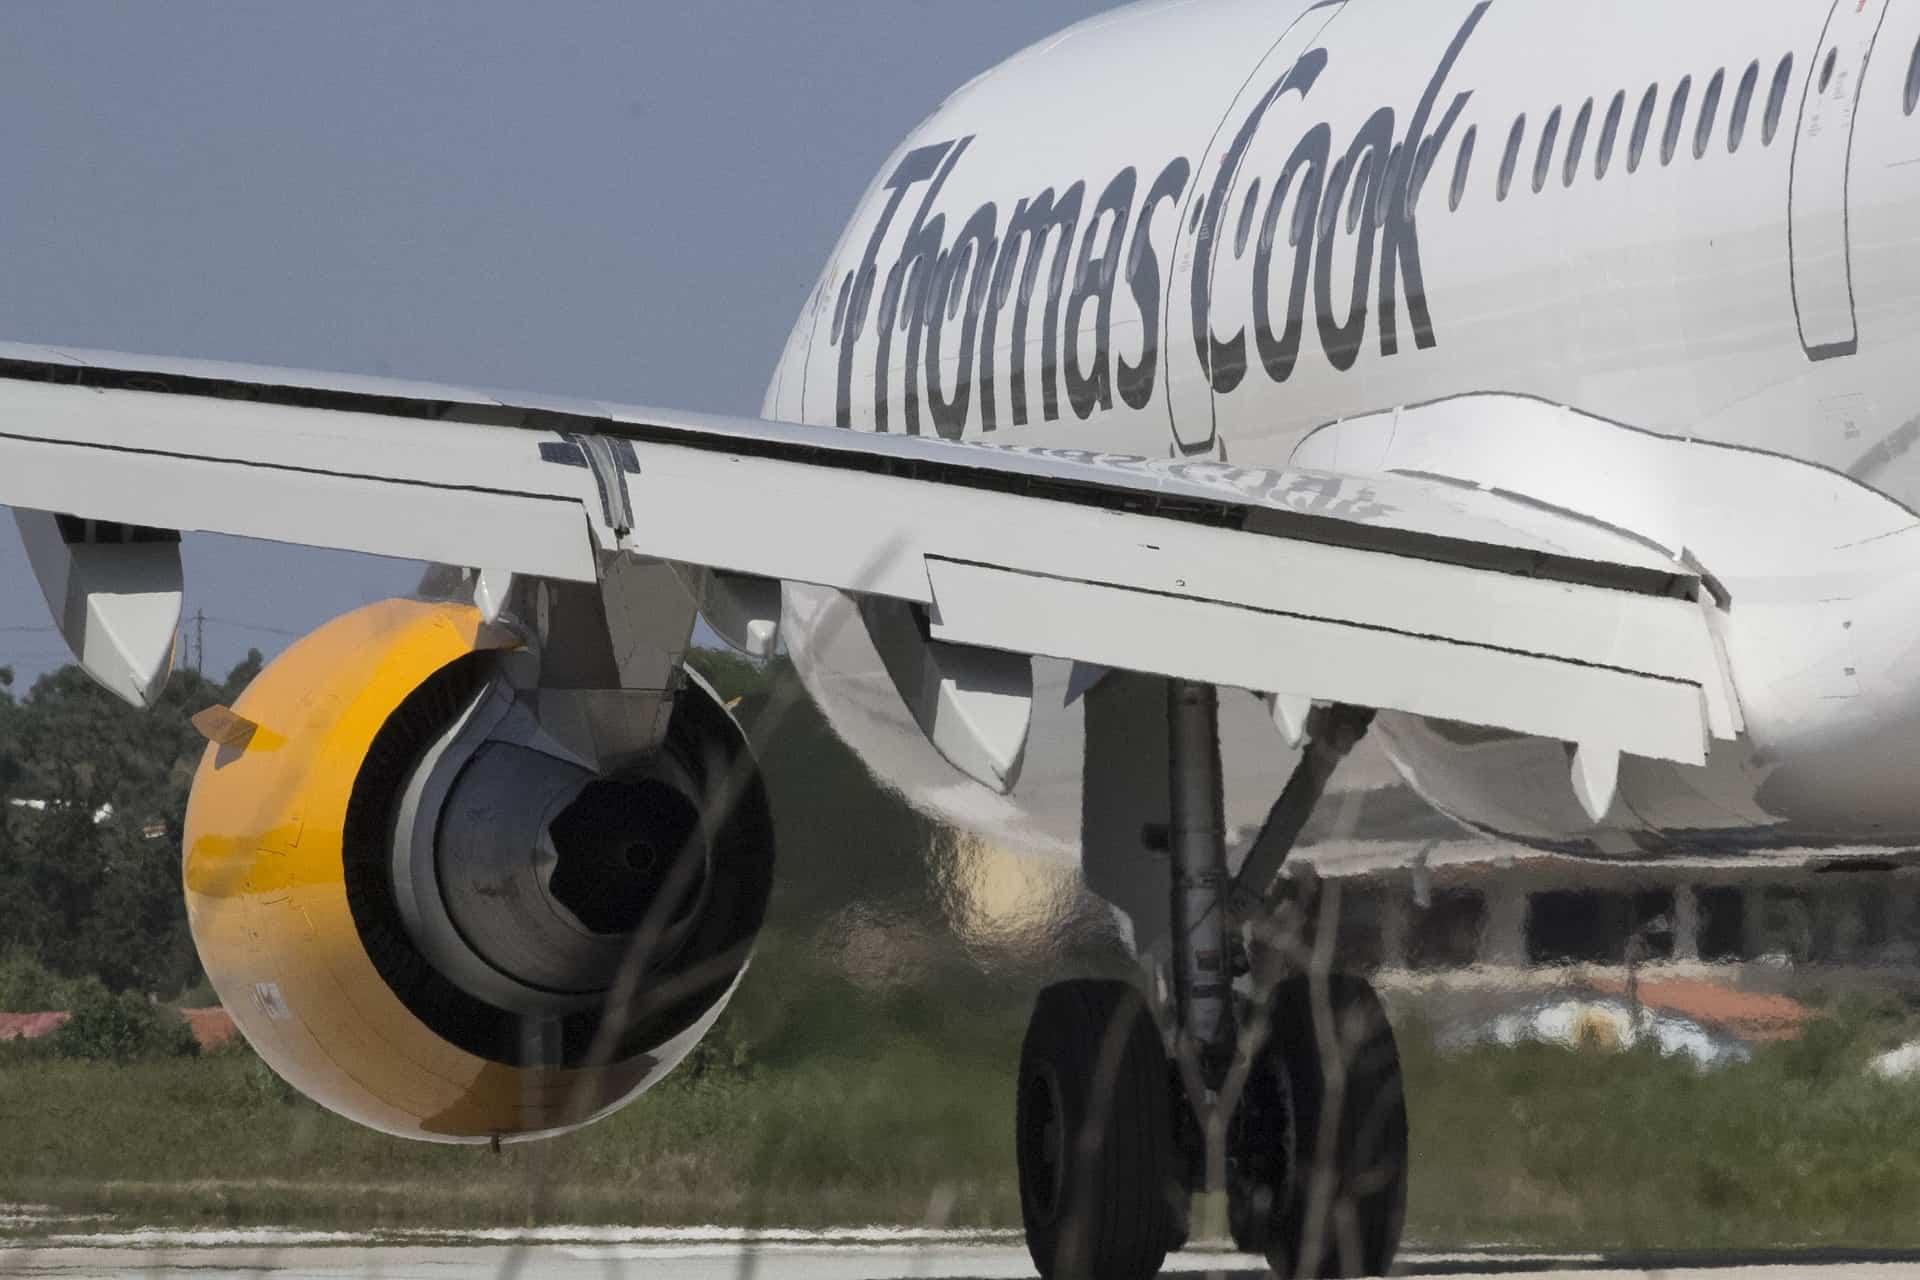 Condor fliegt weiter - nach Thomas Cook Insolvenz